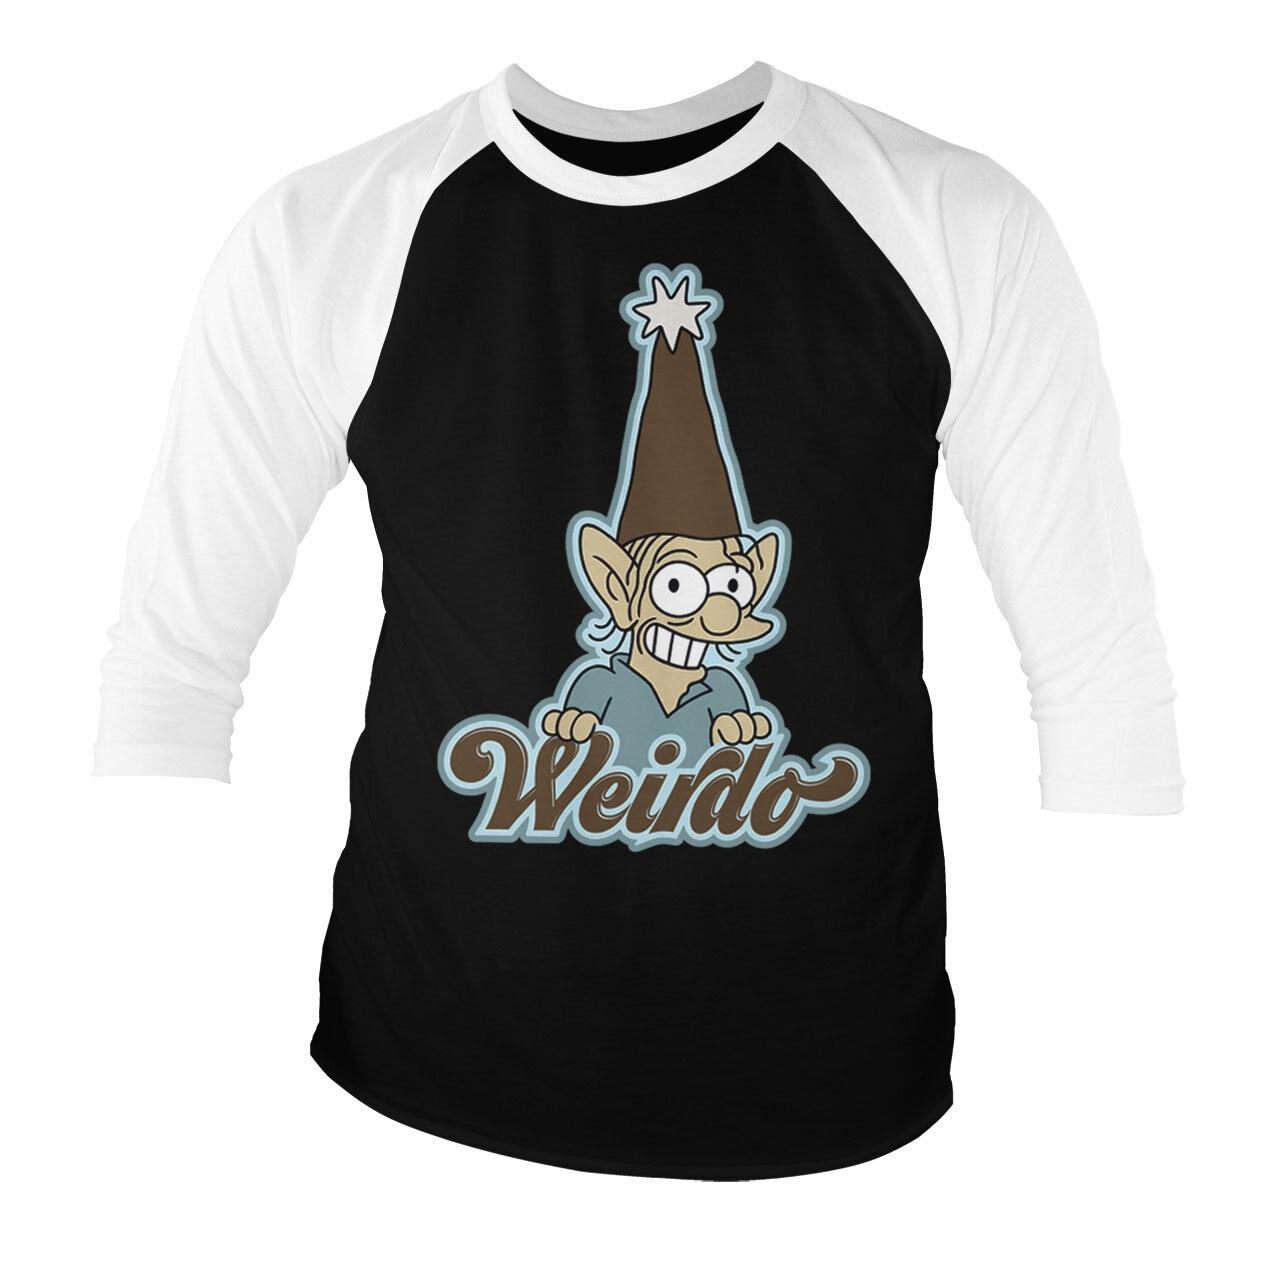 Weirdo Baseball 3/4 Sleeve Tee